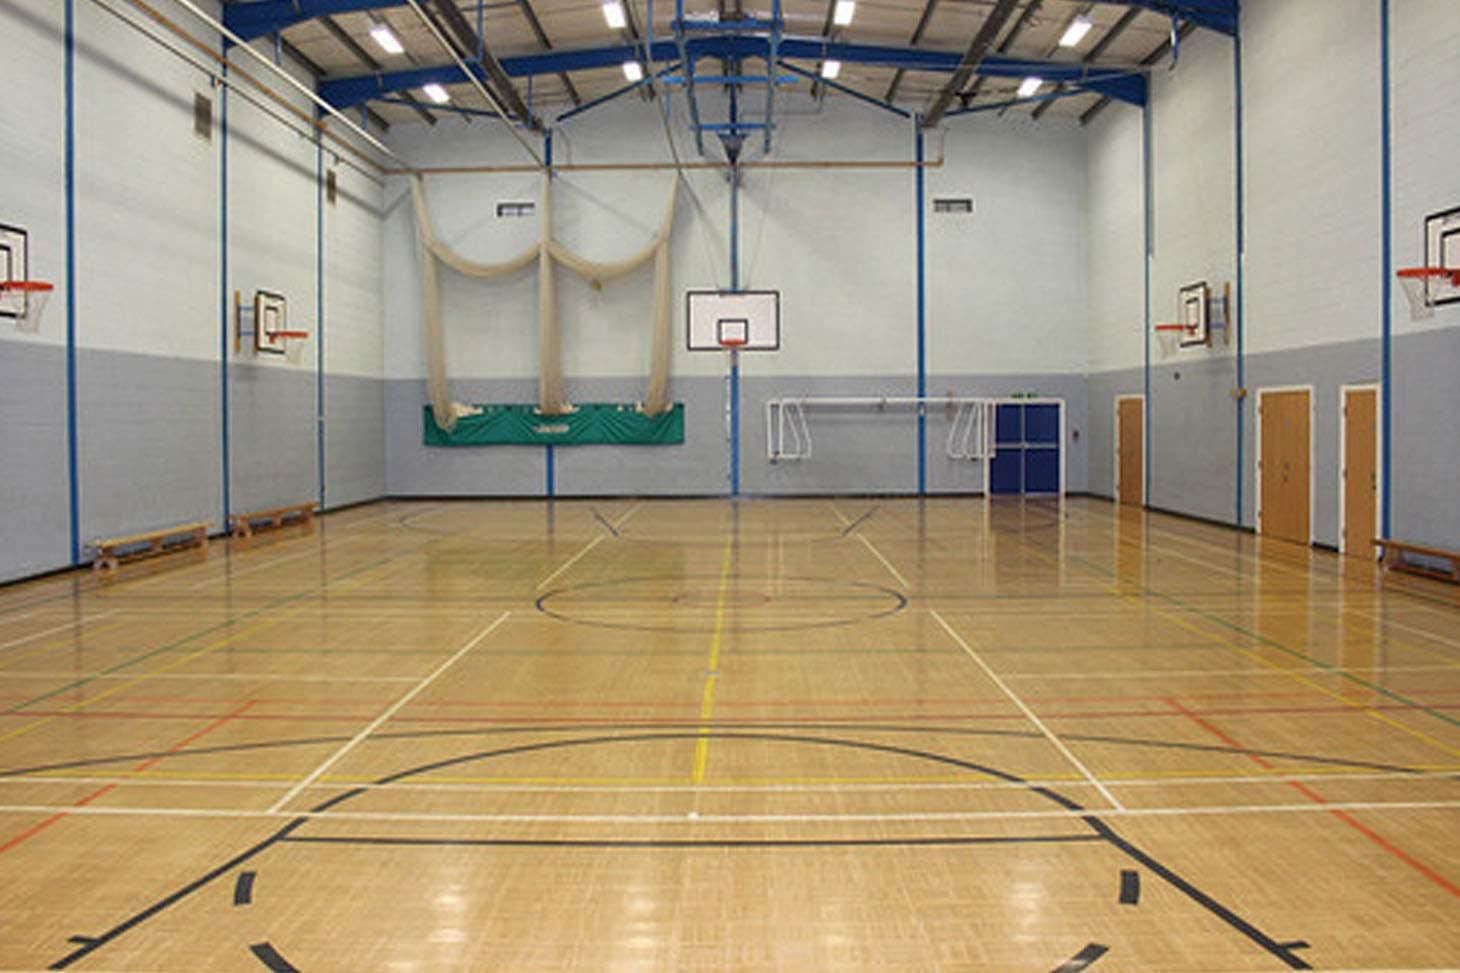 St. James's C of E High School Indoor badminton court